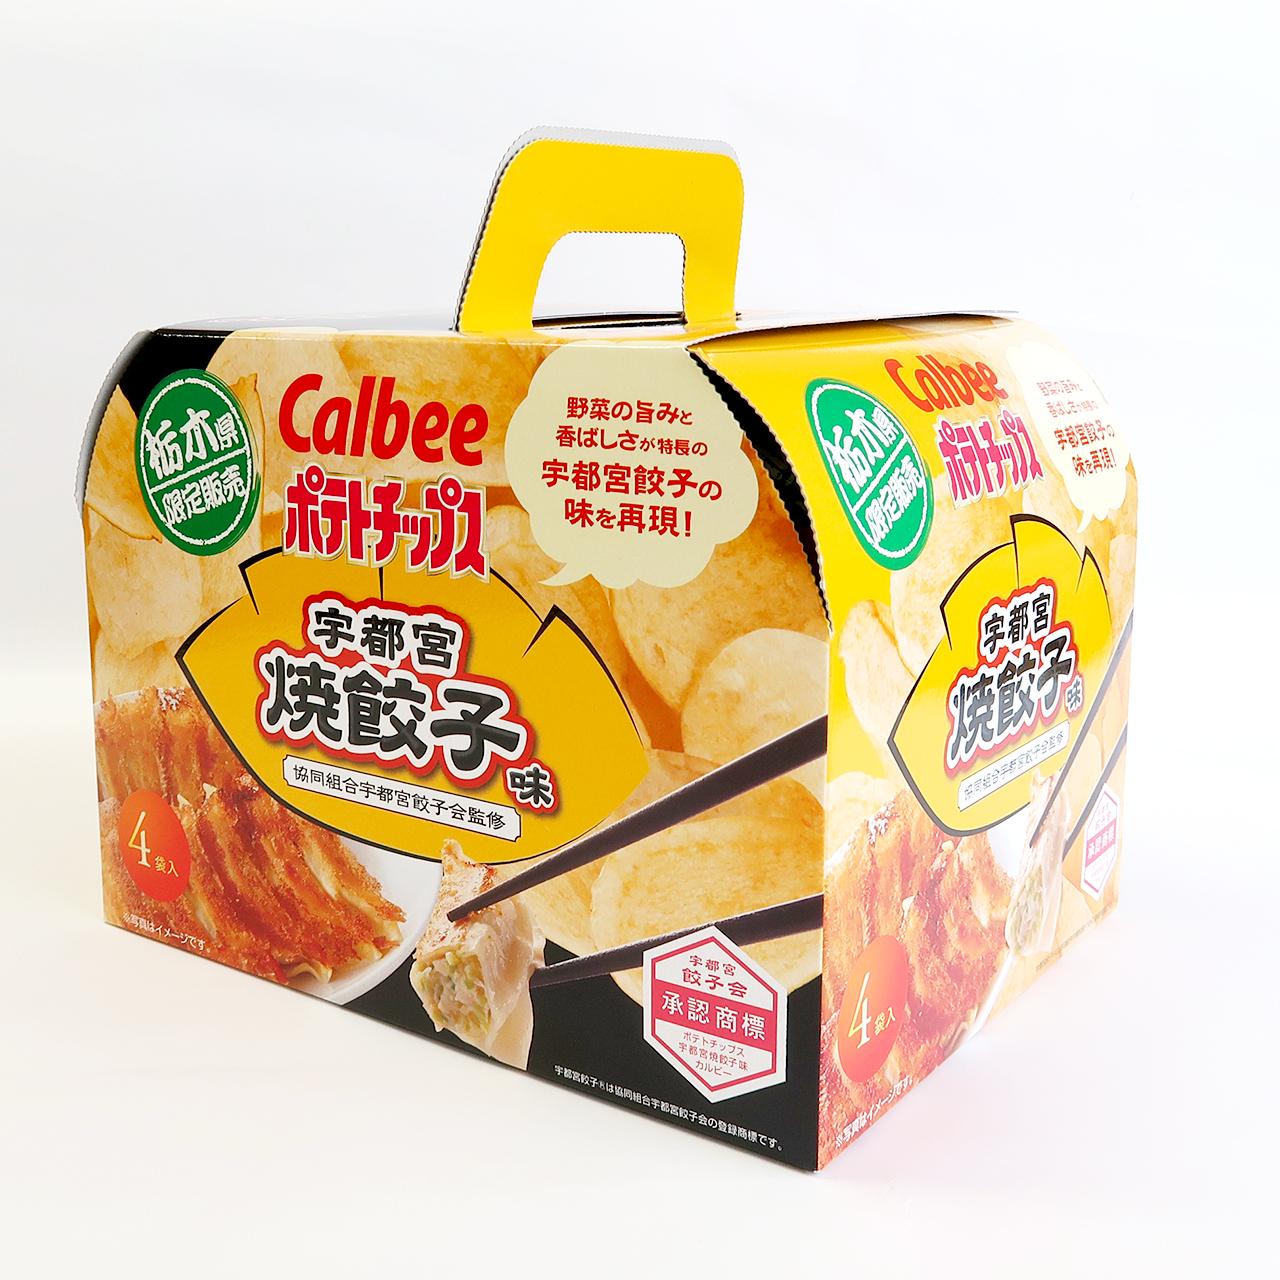 カルビー ポテトチップス 宇都宮焼餃子味(小袋4つ入り)【常温品】